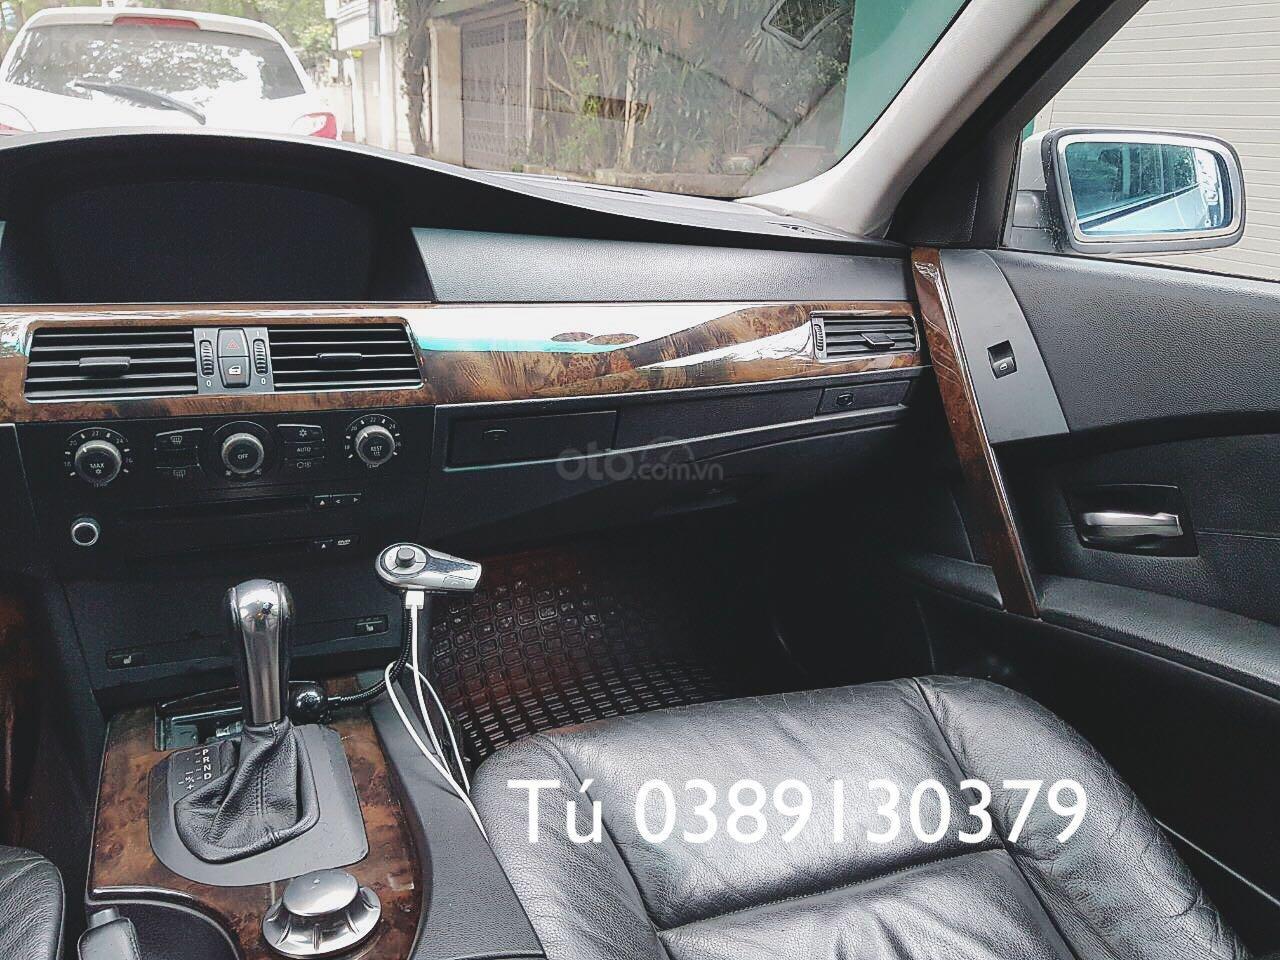 Cần bán xe BMW 5 series, đời 2004, giá cực êm 350tr (5)